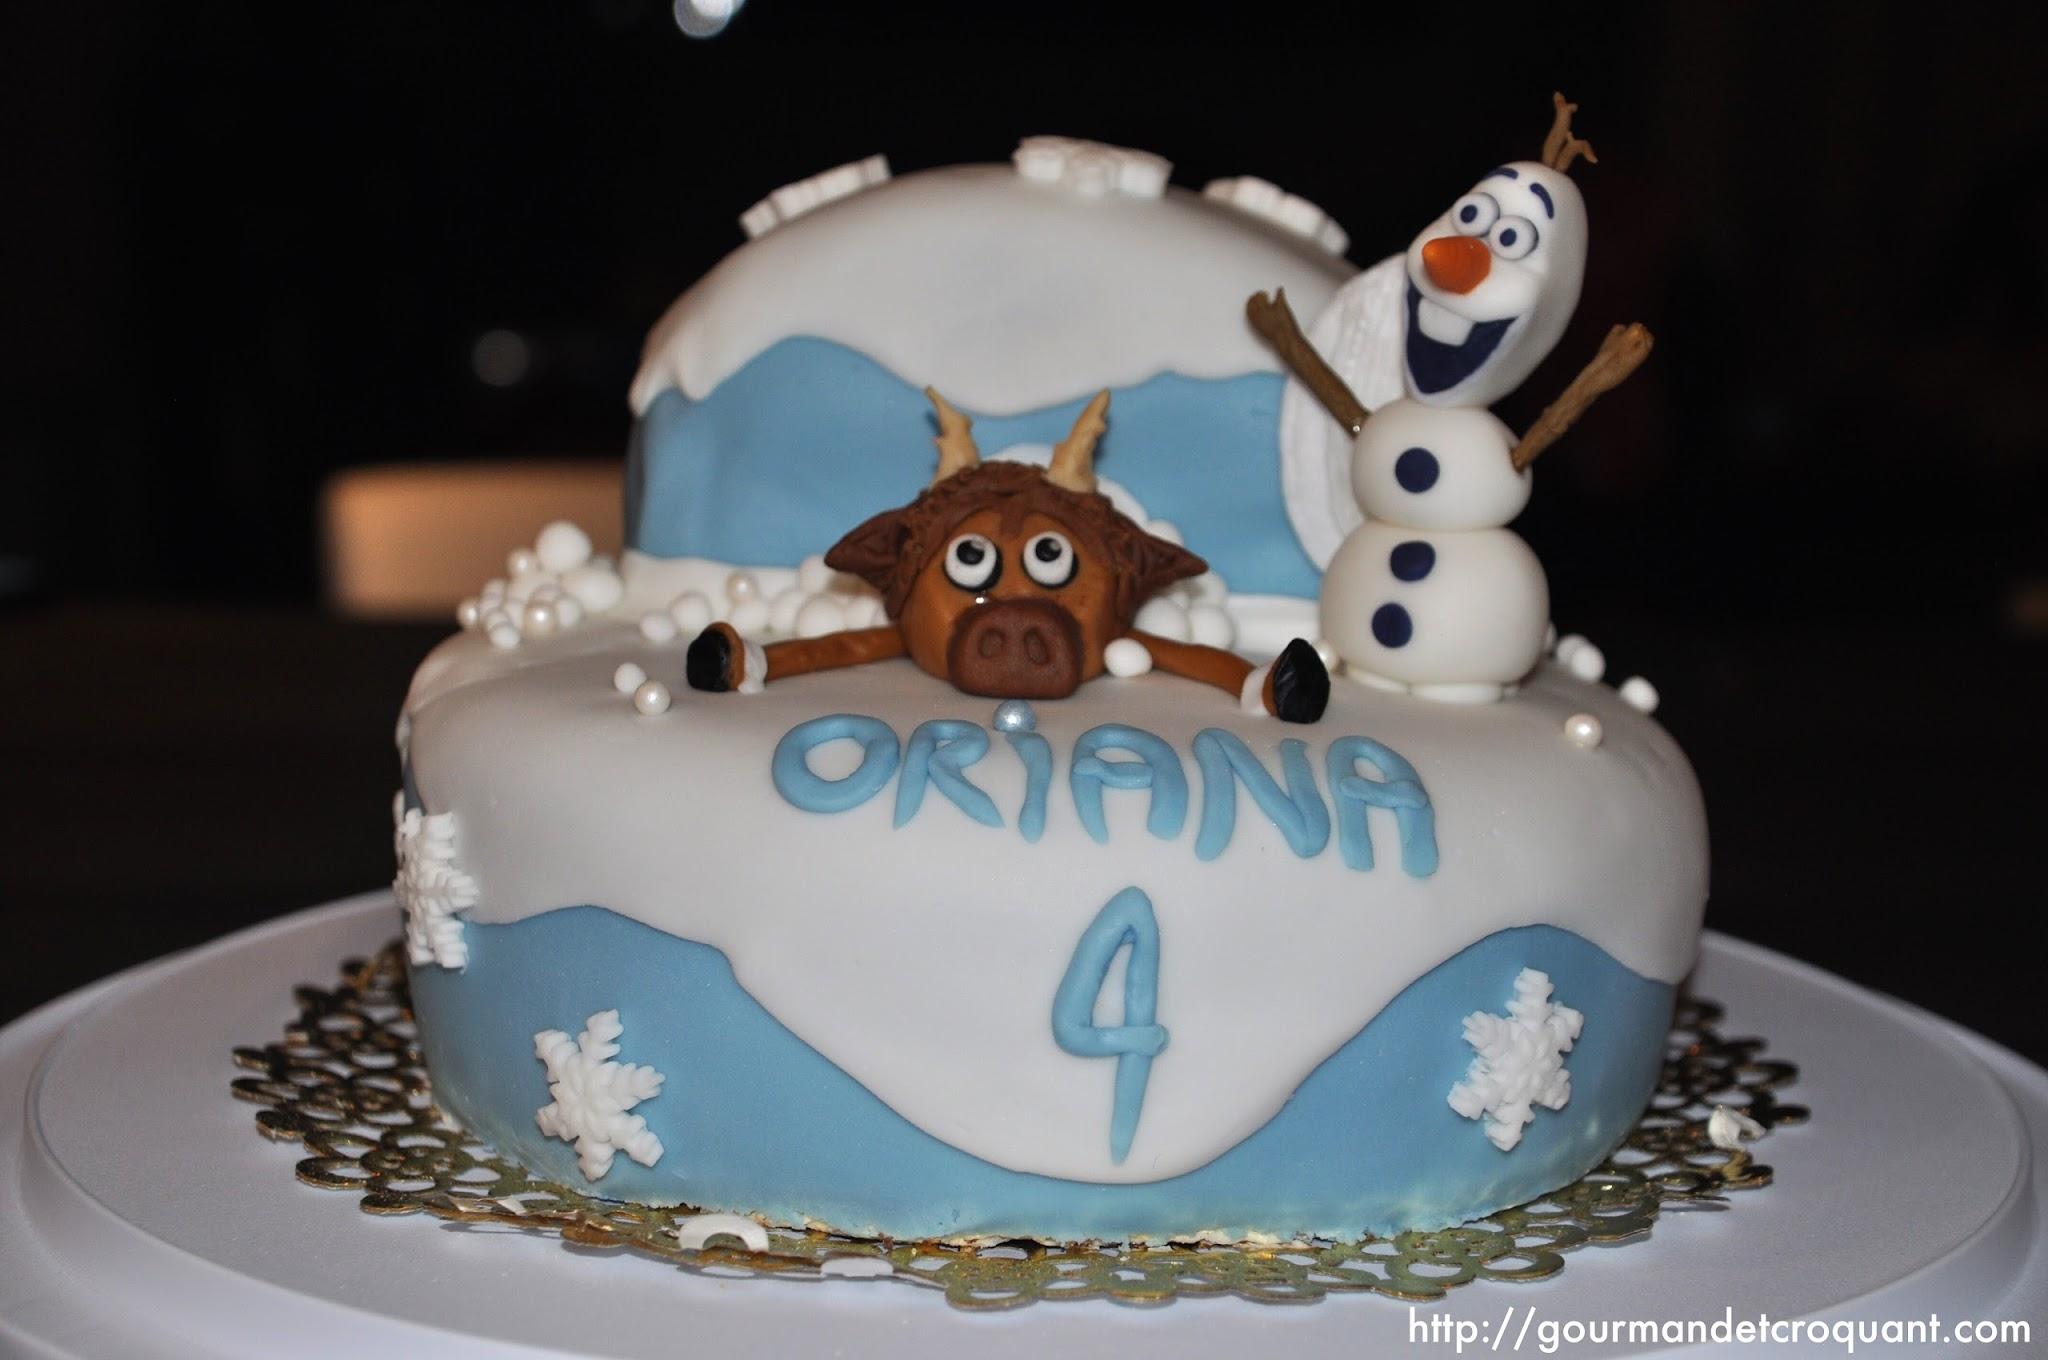 Top Gourmand et Croquant: Gâteau d'anniversaire: la Reine des Neiges KF27